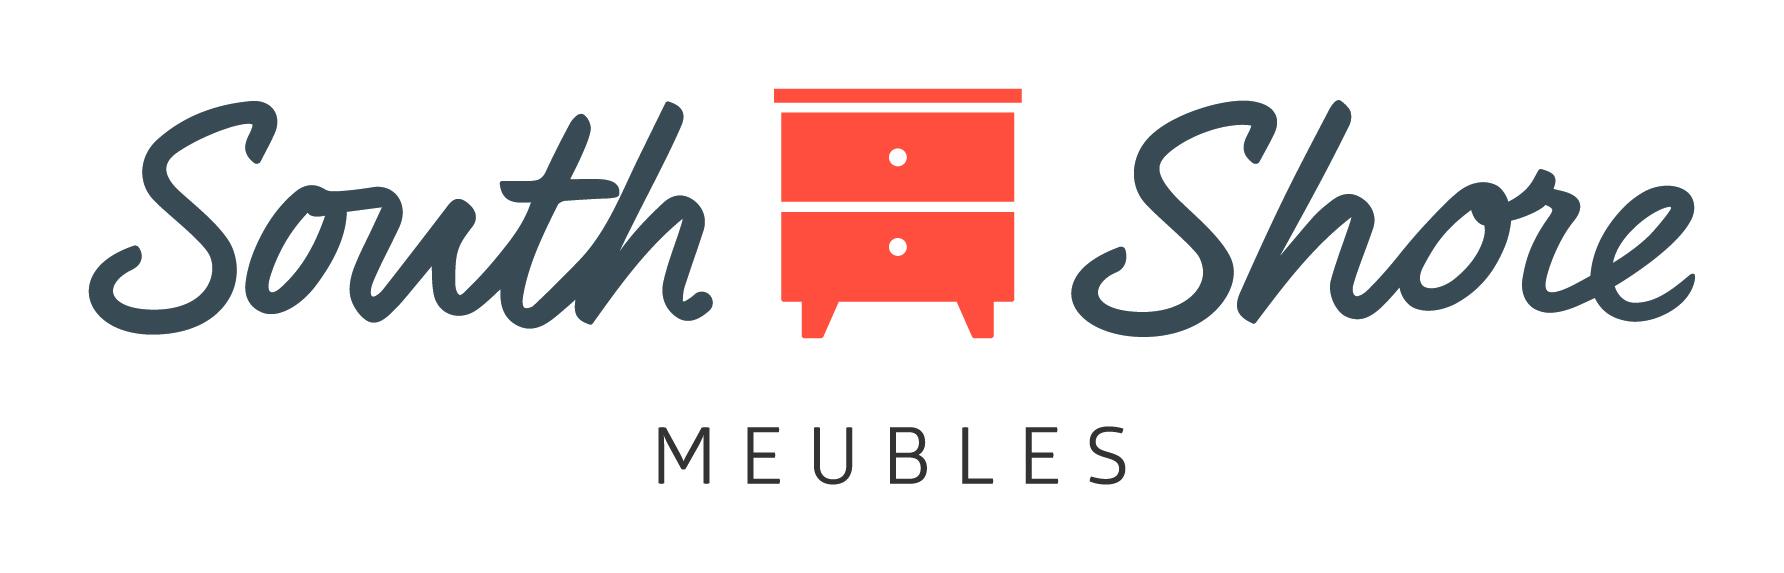 MEUBLES SOUTHSHORE - GRAND DÉFI PIERRE LAVOIE HIVER 2020